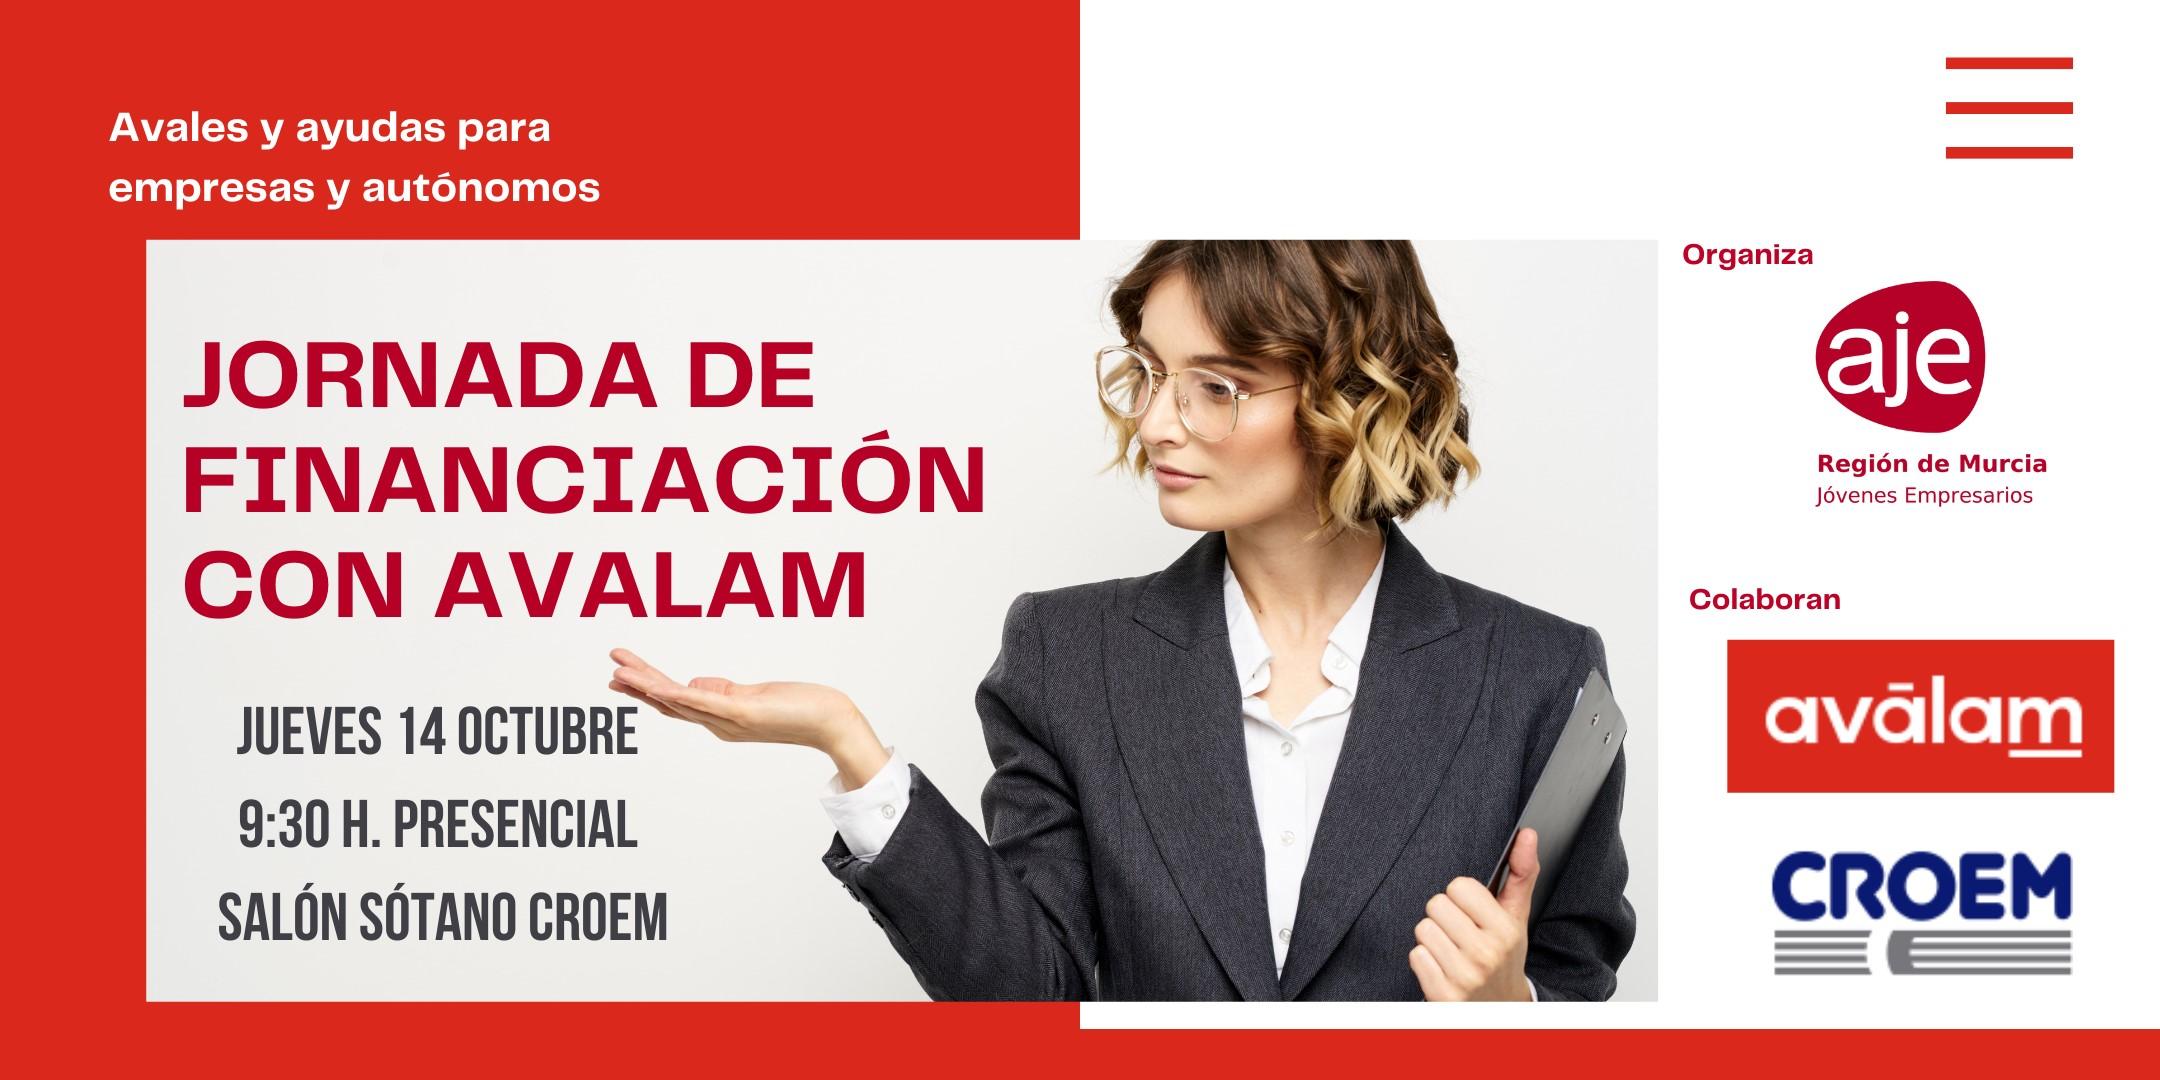 JORNADA DE FINANCIACIÓN CON AVALAM